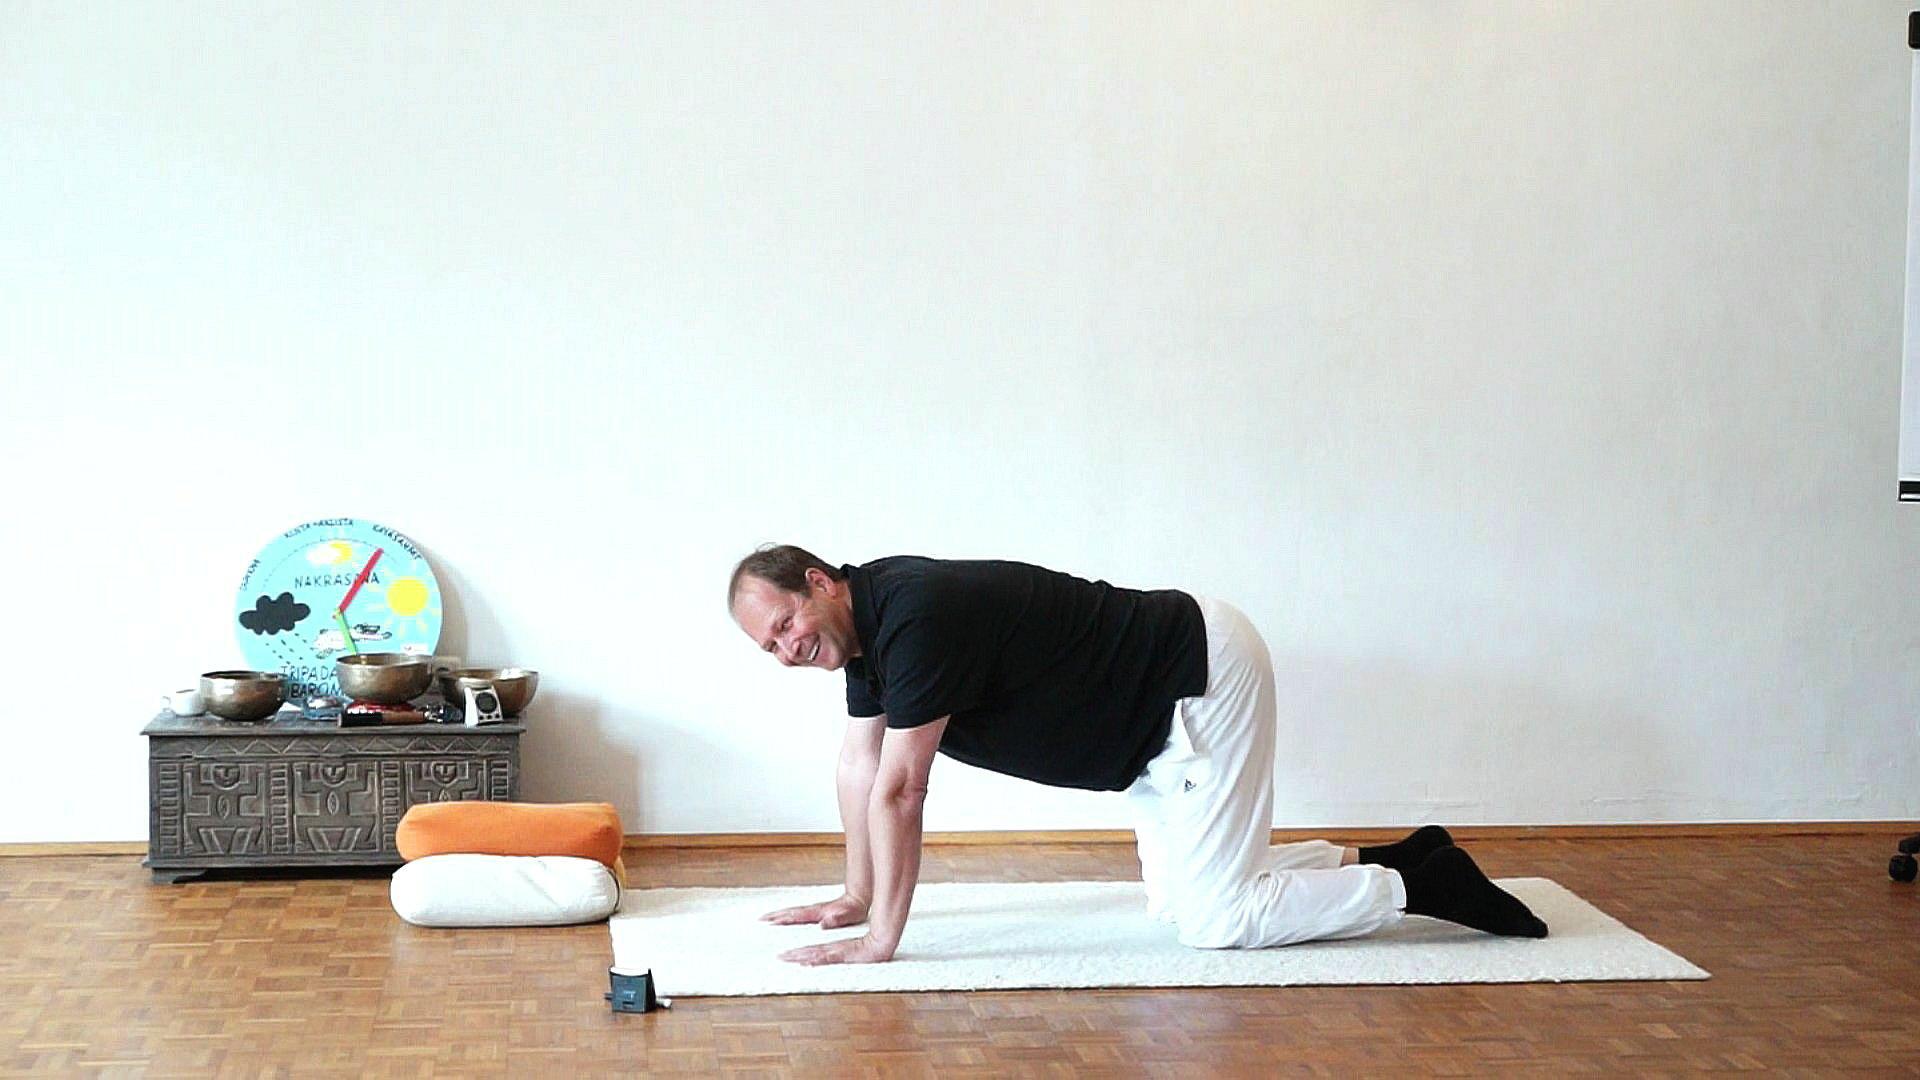 Fein Neue Yogalehrer Lebenslaufprobe Fotos - Dokumentationsvorlage ...